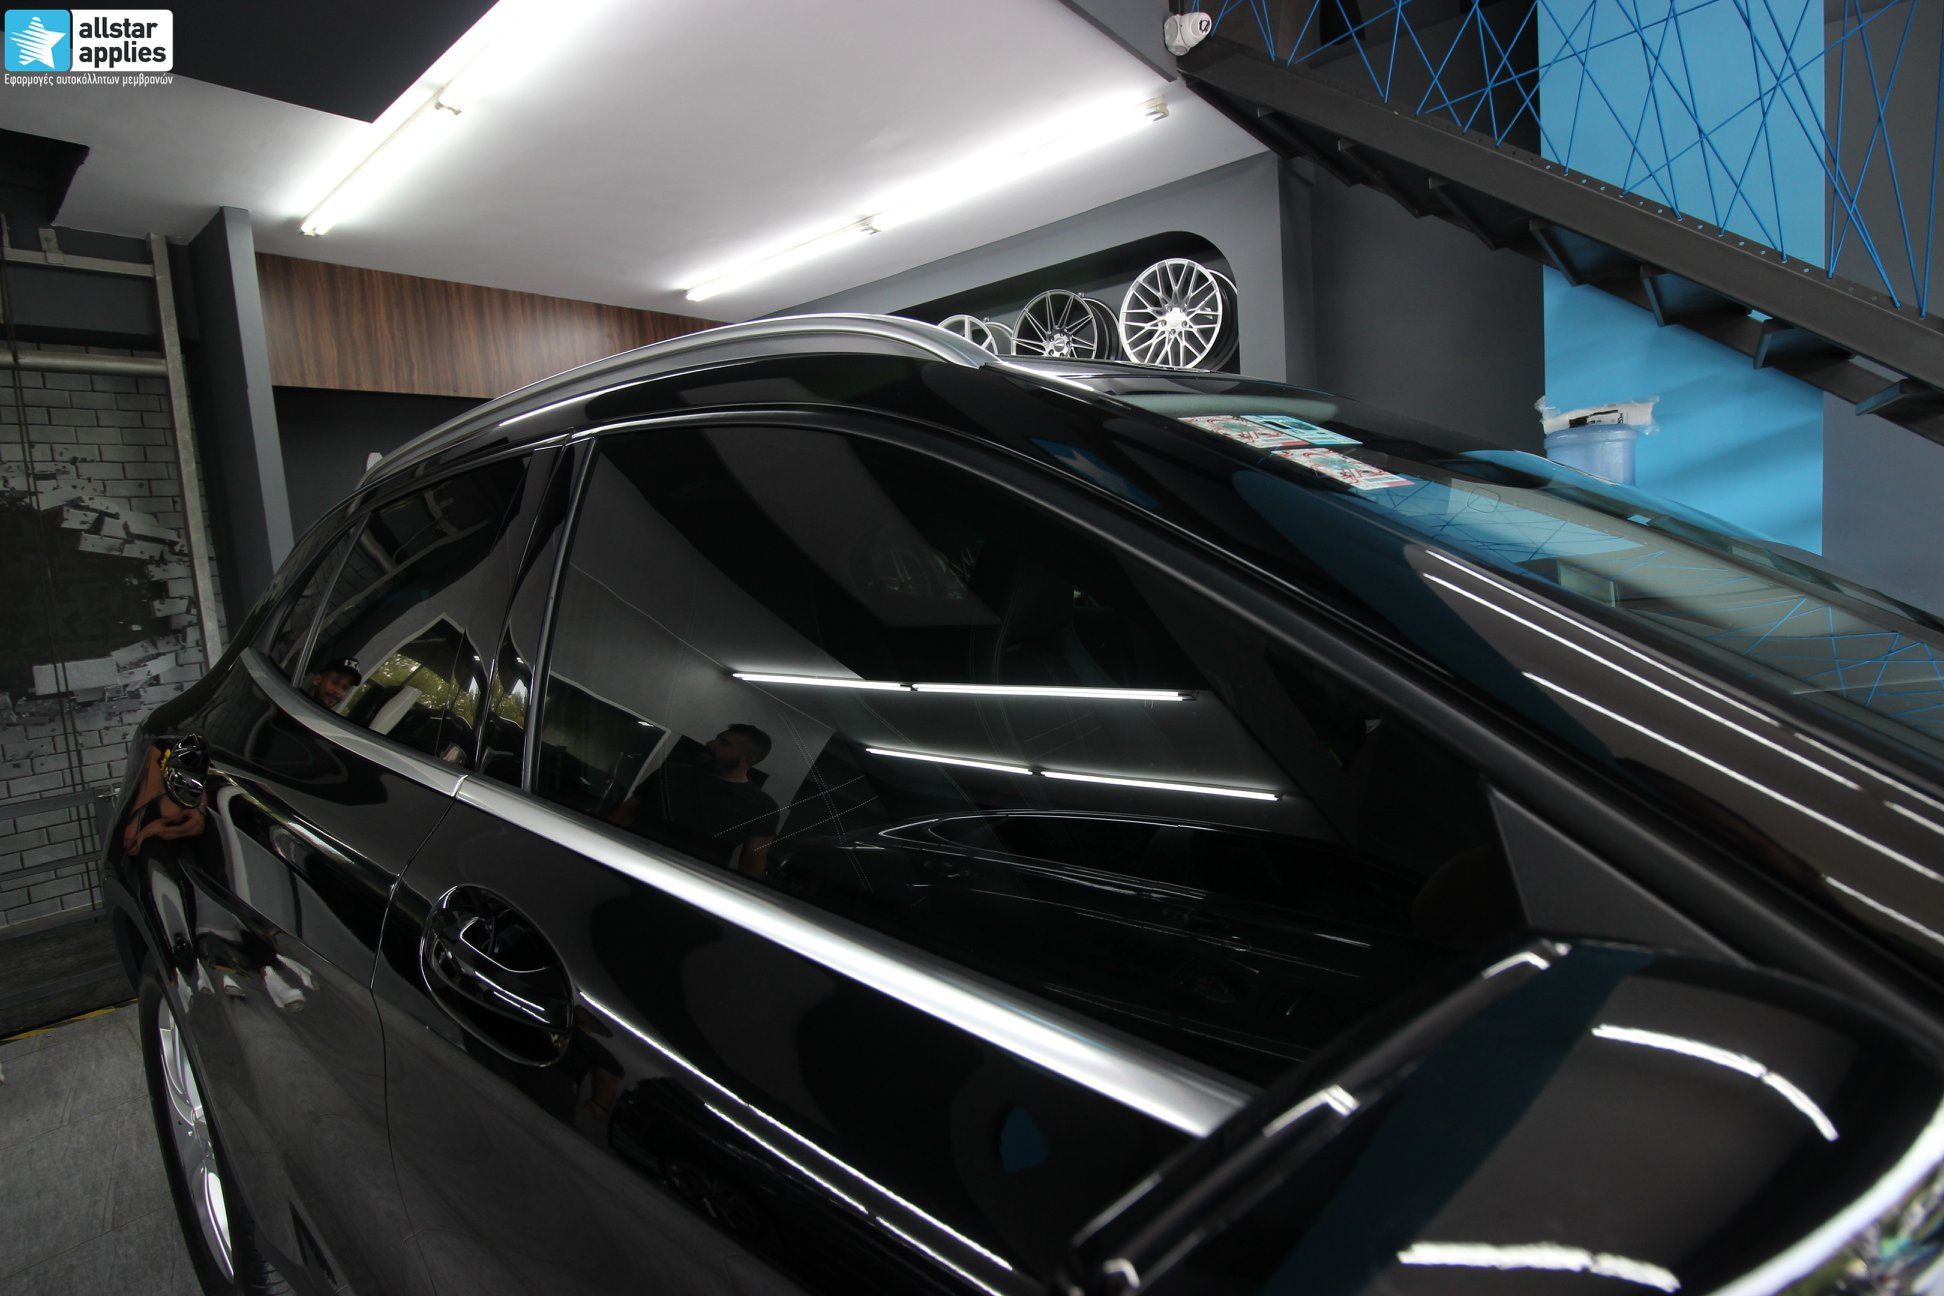 Mercedes-GLA-–-Μεμβράνες-Προστασίας-χρώματος-Paint-Protection-Film-8